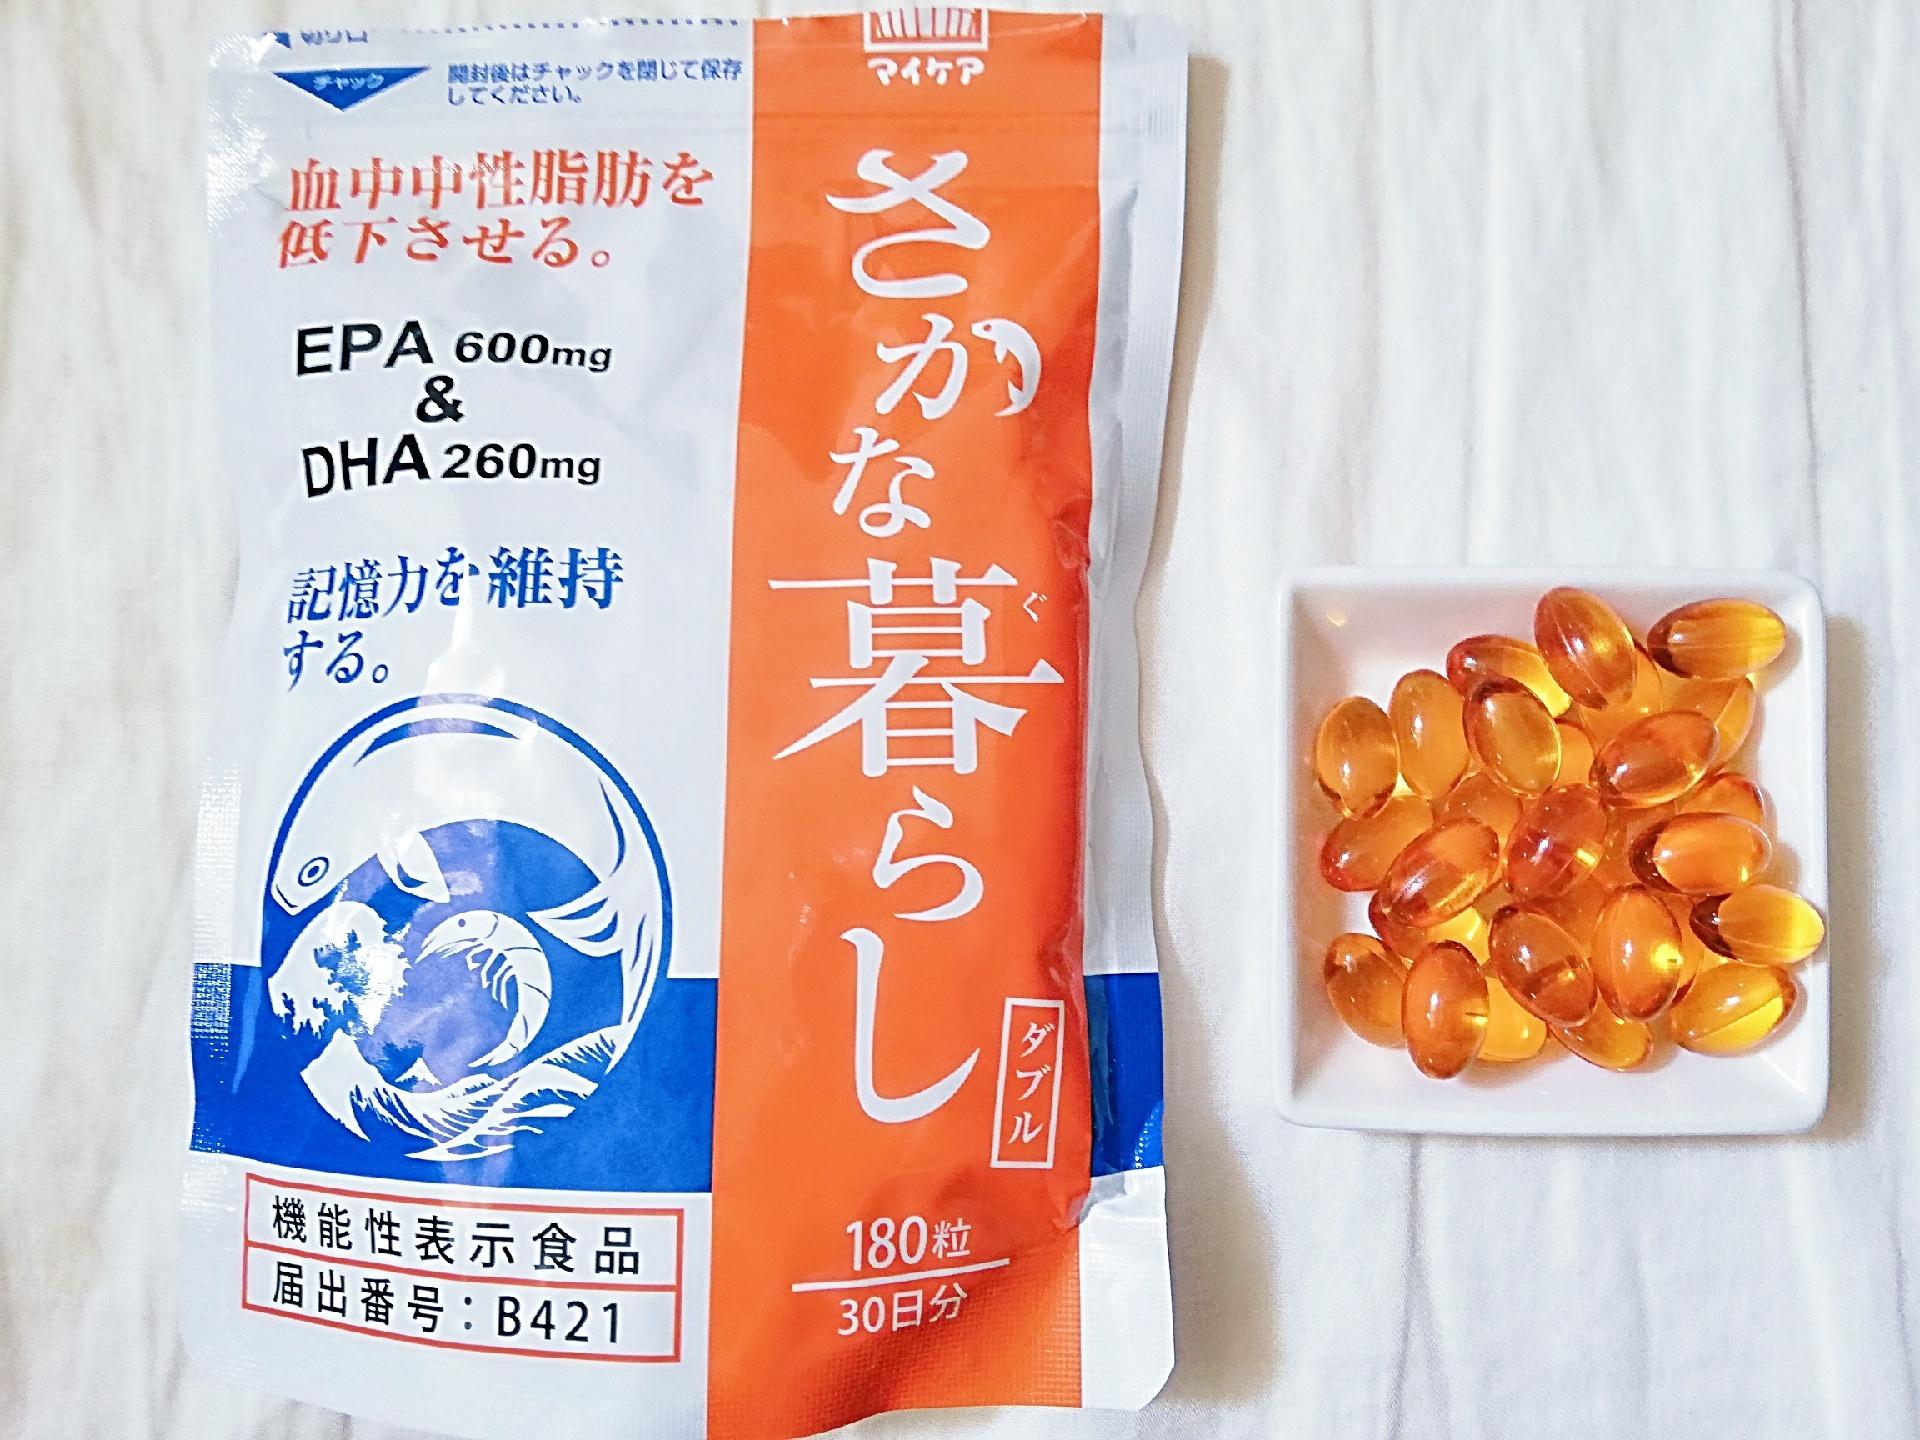 春の健康診断なんてもう恐くない!?EPA・DHA機能性表示食品 マイケア【さかな暮らしダブル】